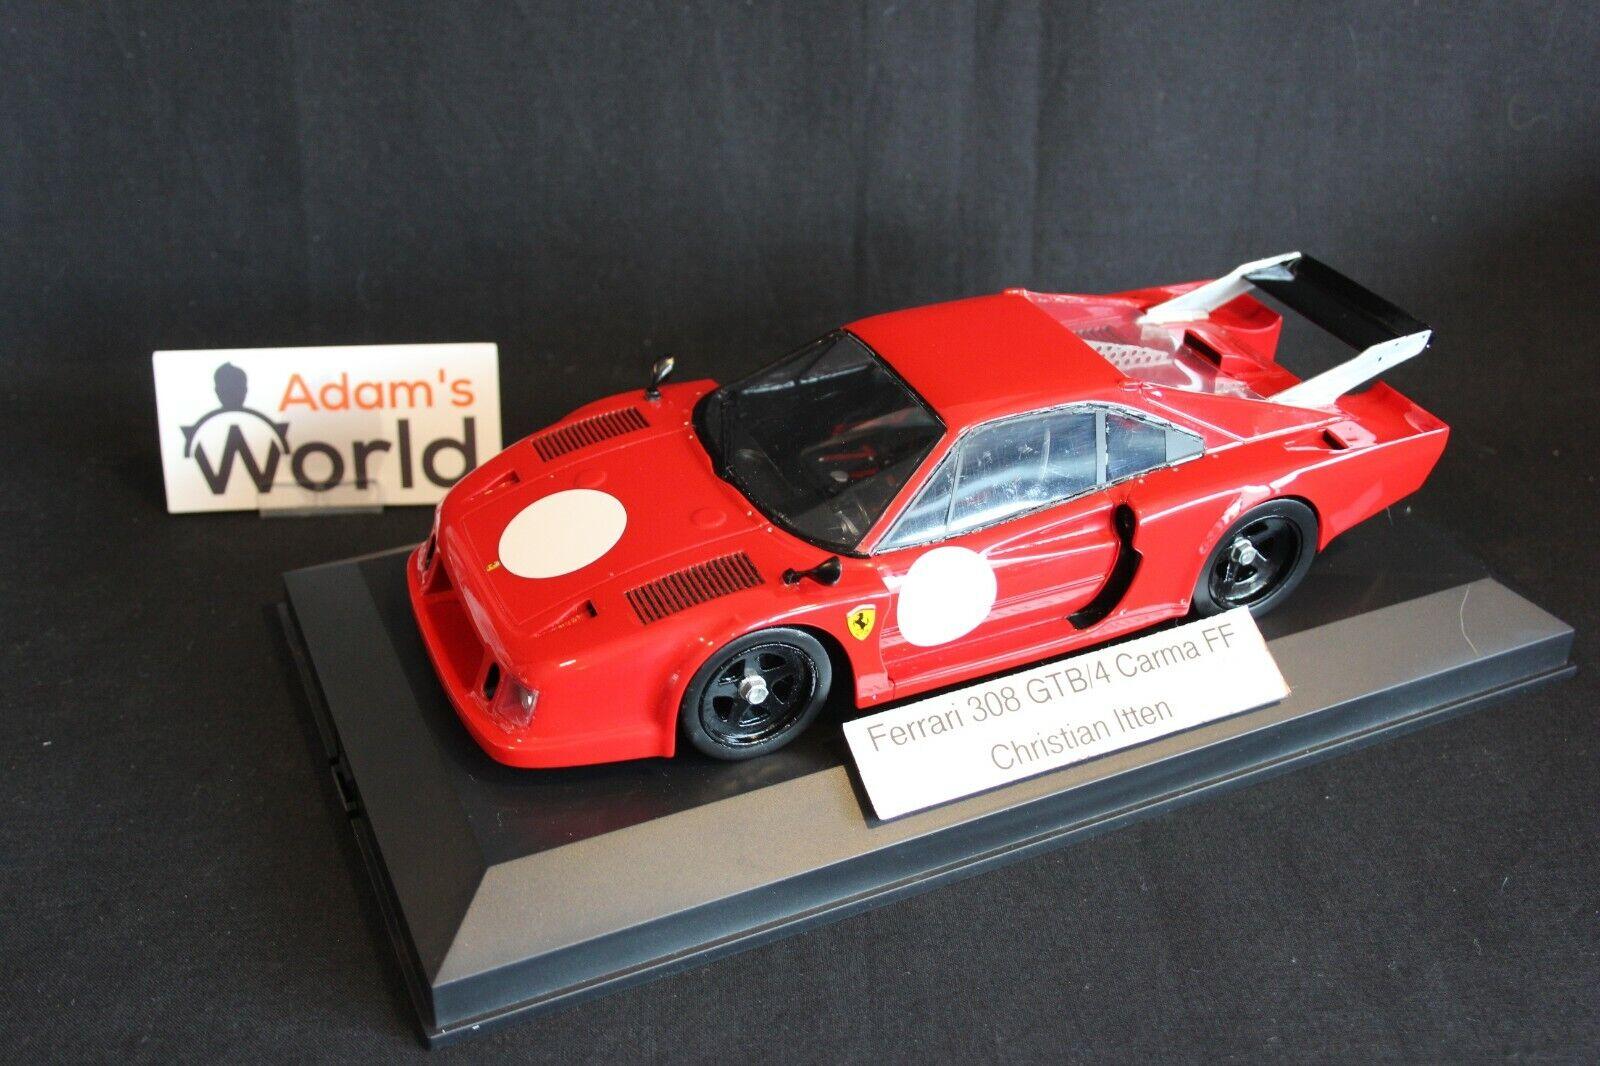 Christian Itten Ferrari 308 GTB  4 bilma FF 1 18 röd (PJBB)